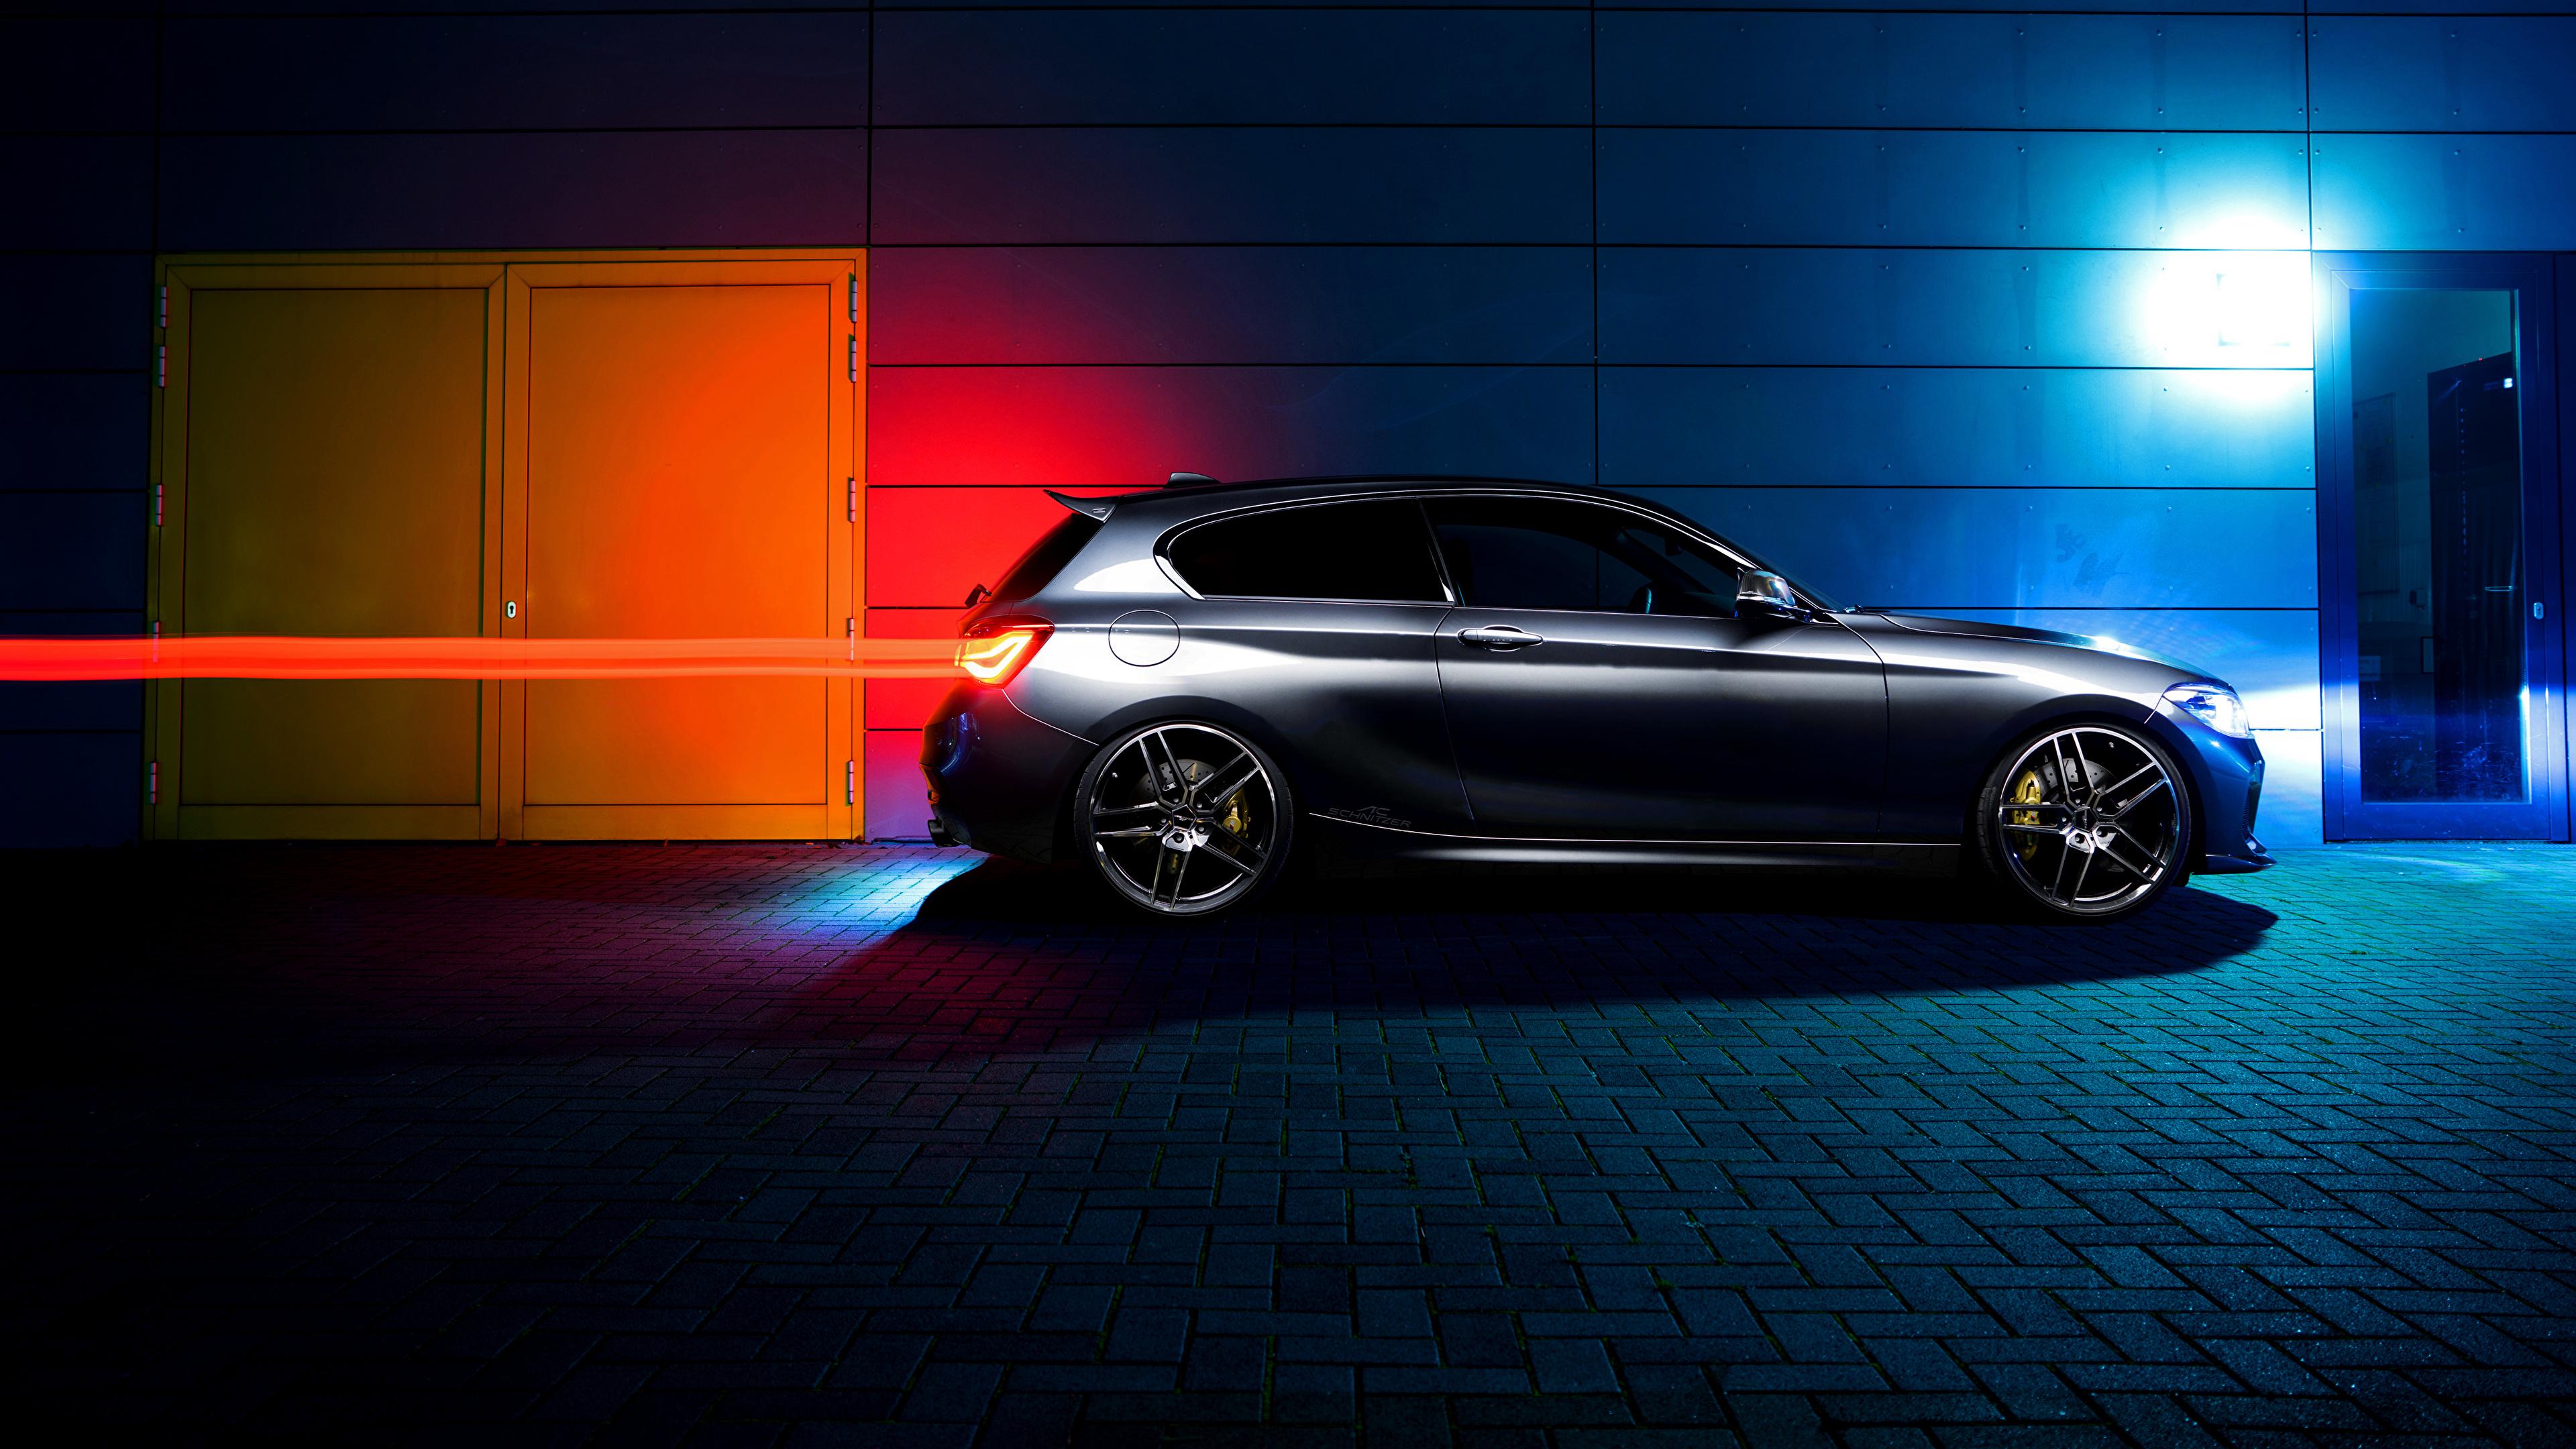 壁紙 3840x2160 Bmw Ac Schnitzer F 1 Series 側面図 自動車 ダウンロード 写真